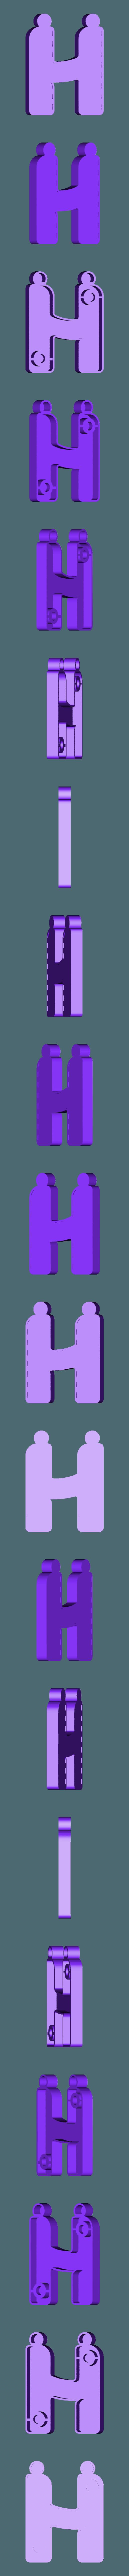 H.stl Télécharger fichier STL gratuit Alphabet pour enfants. F G H H I J J • Objet imprimable en 3D, Ruvimkub